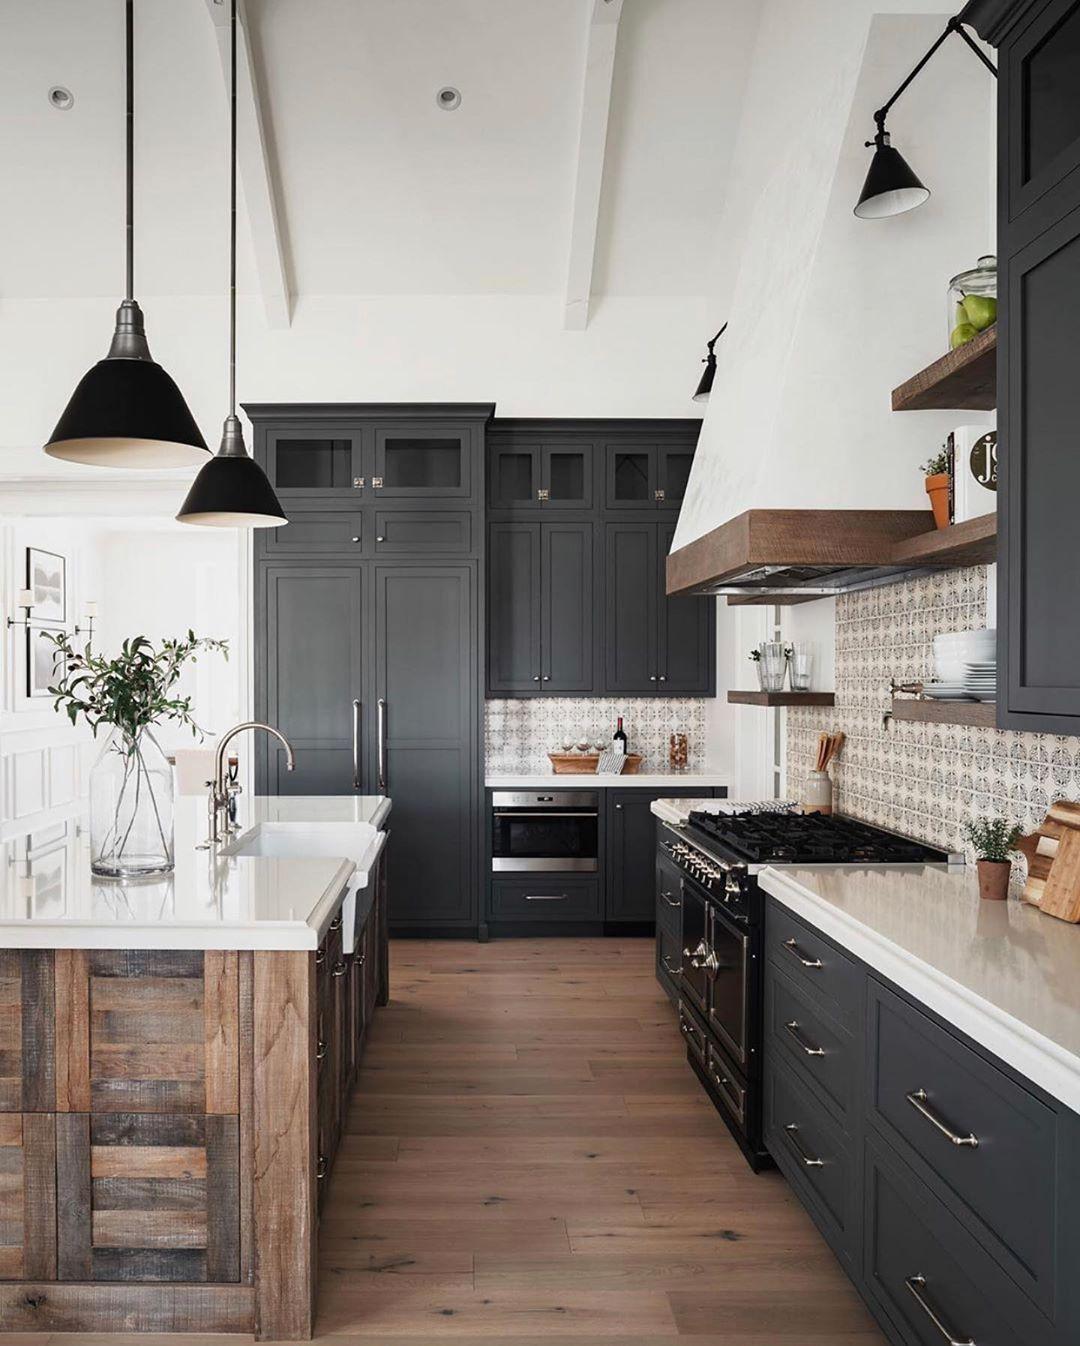 """Cutler Kitchen & Bath on Instagram: """"This kitchen is ..."""